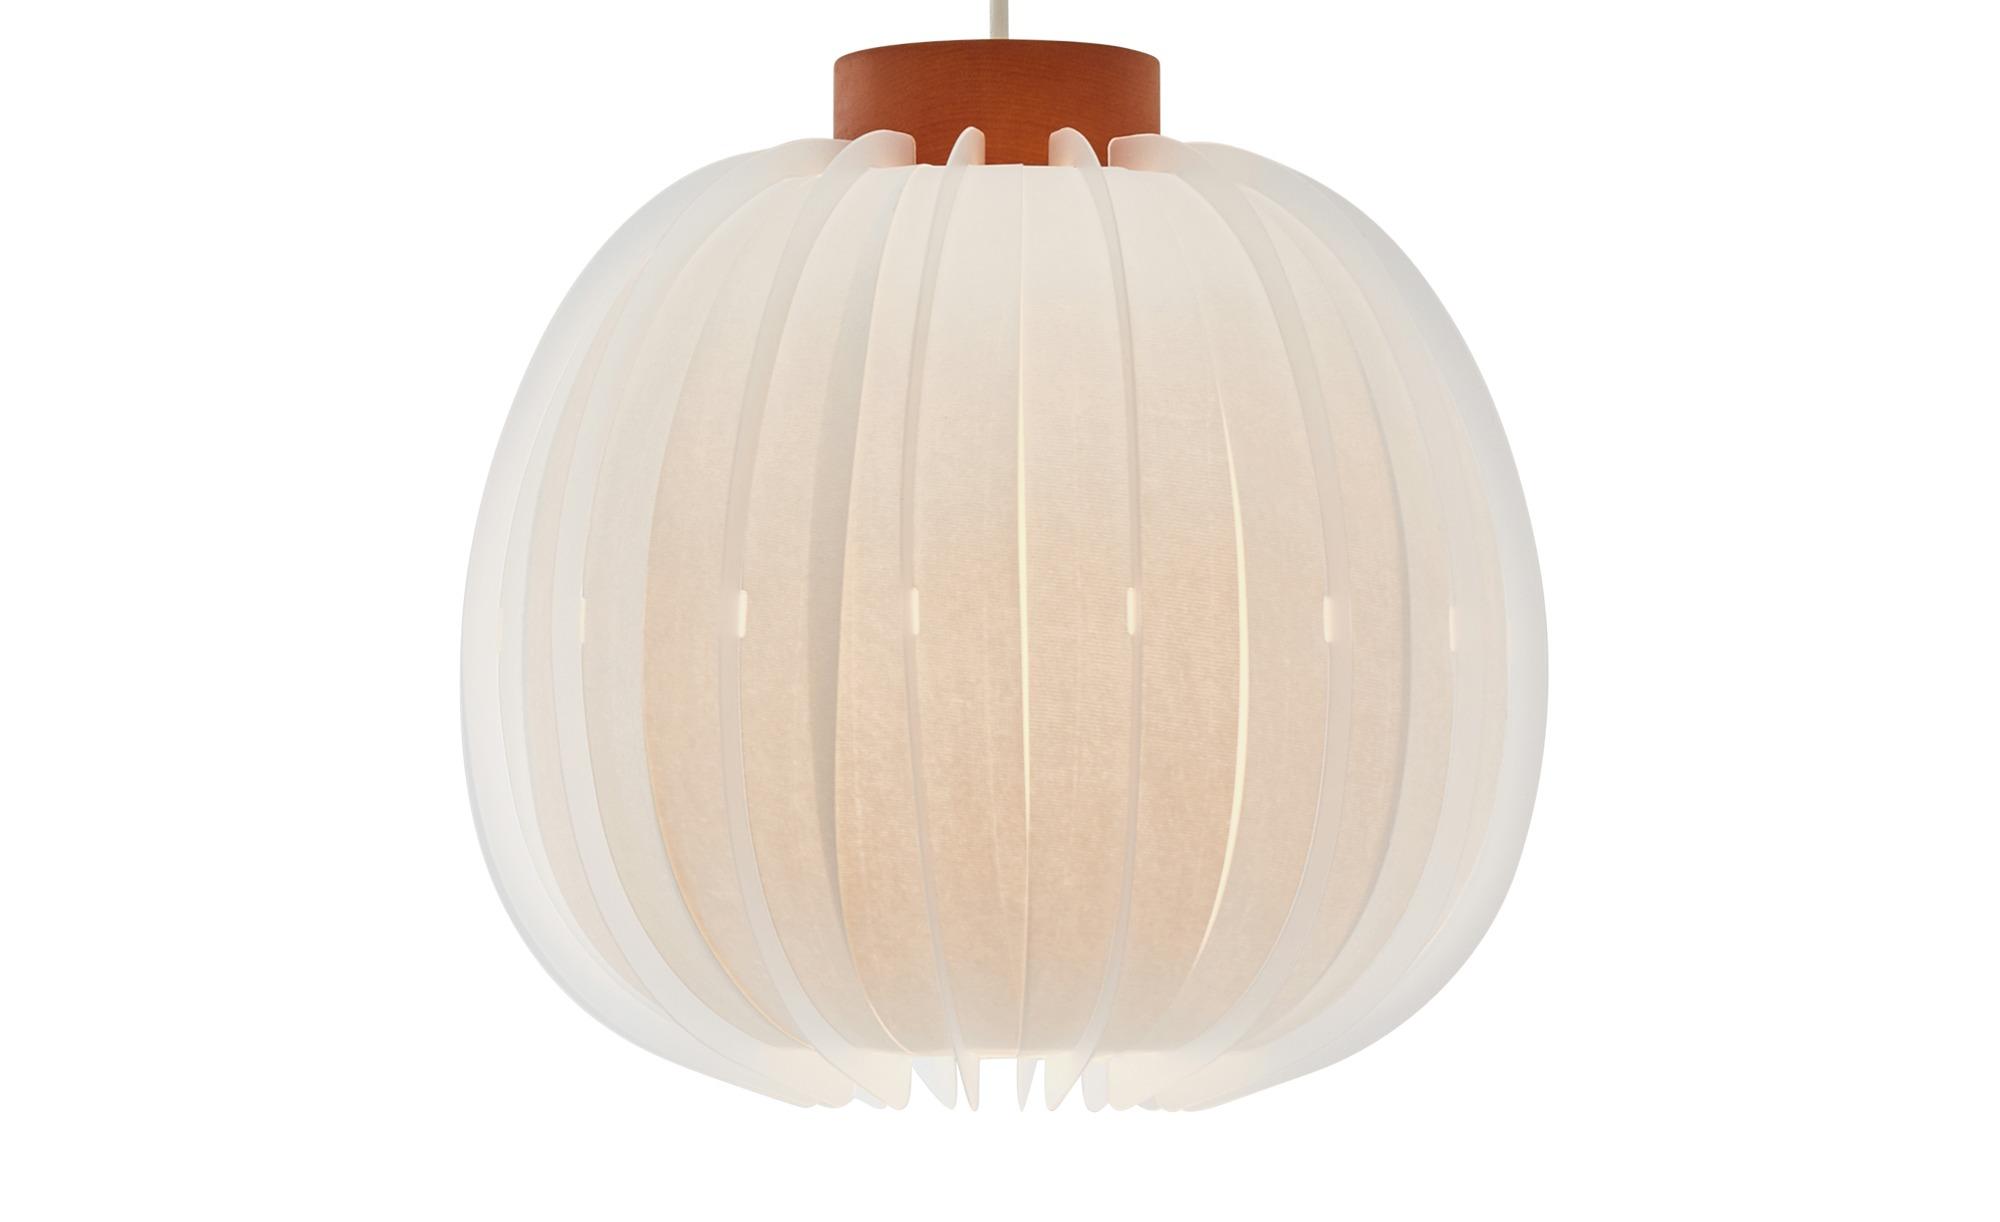 HOME STORY Papierpendelleuchte, 1-flammig Weiß ¦ weiß ¦ Maße (cm): B: 30 H: 120 Ø: 30 Lampen & Leuchten > Innenleuchten > Pendelleuchten - Höffner